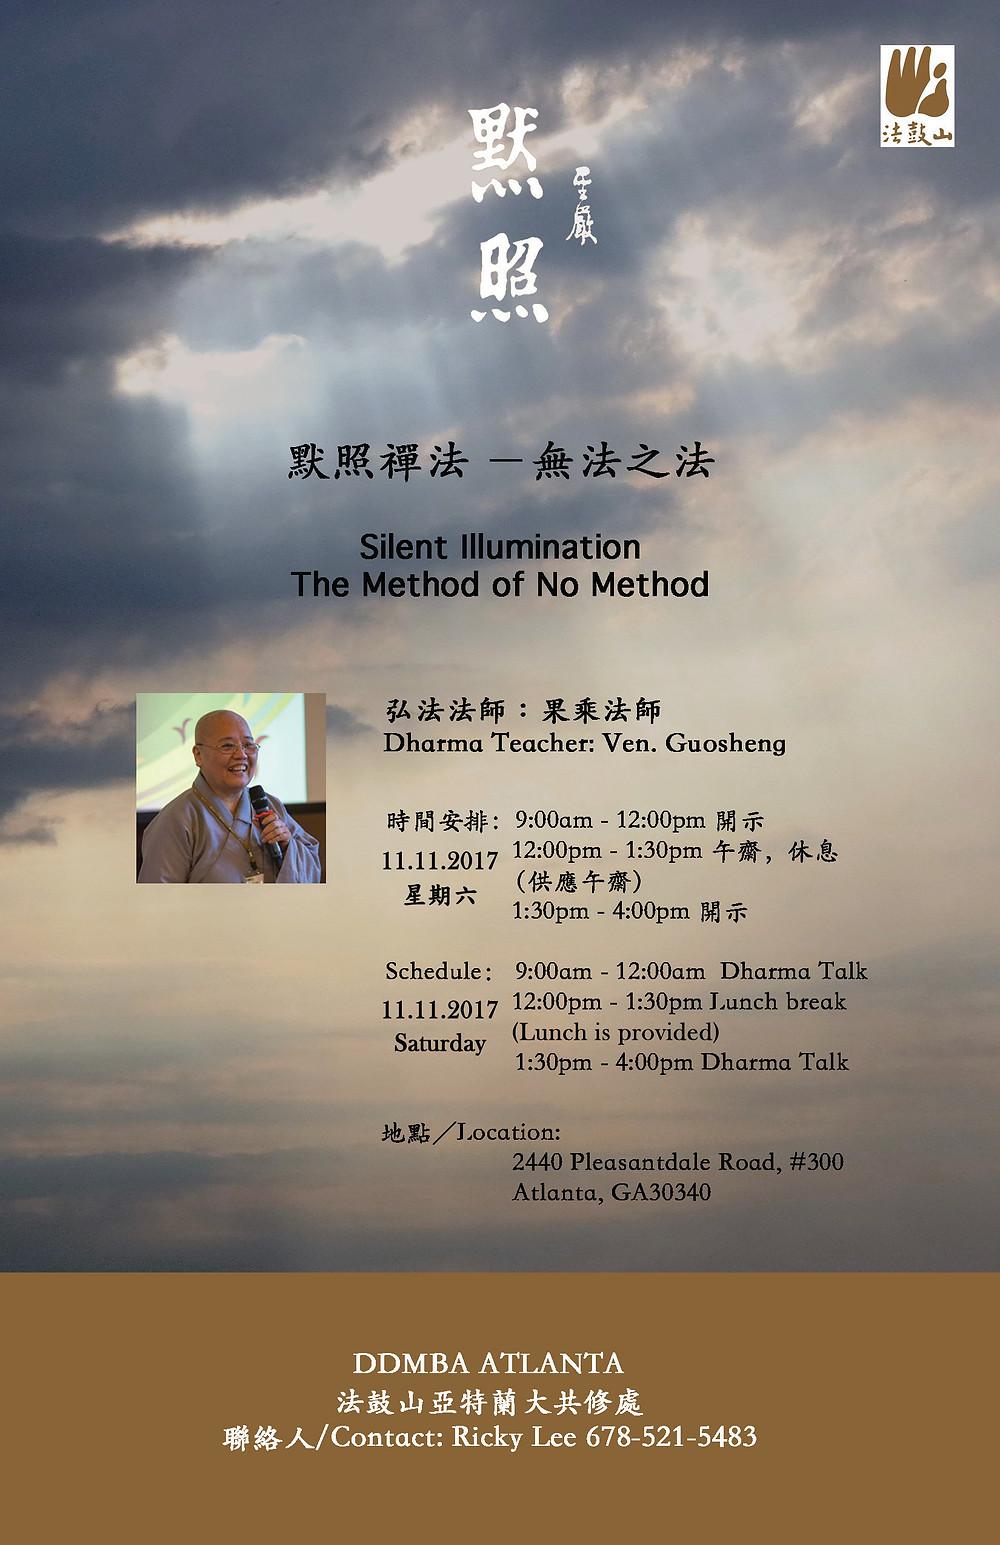 DDM Ven. GuoSheng 11.11 event